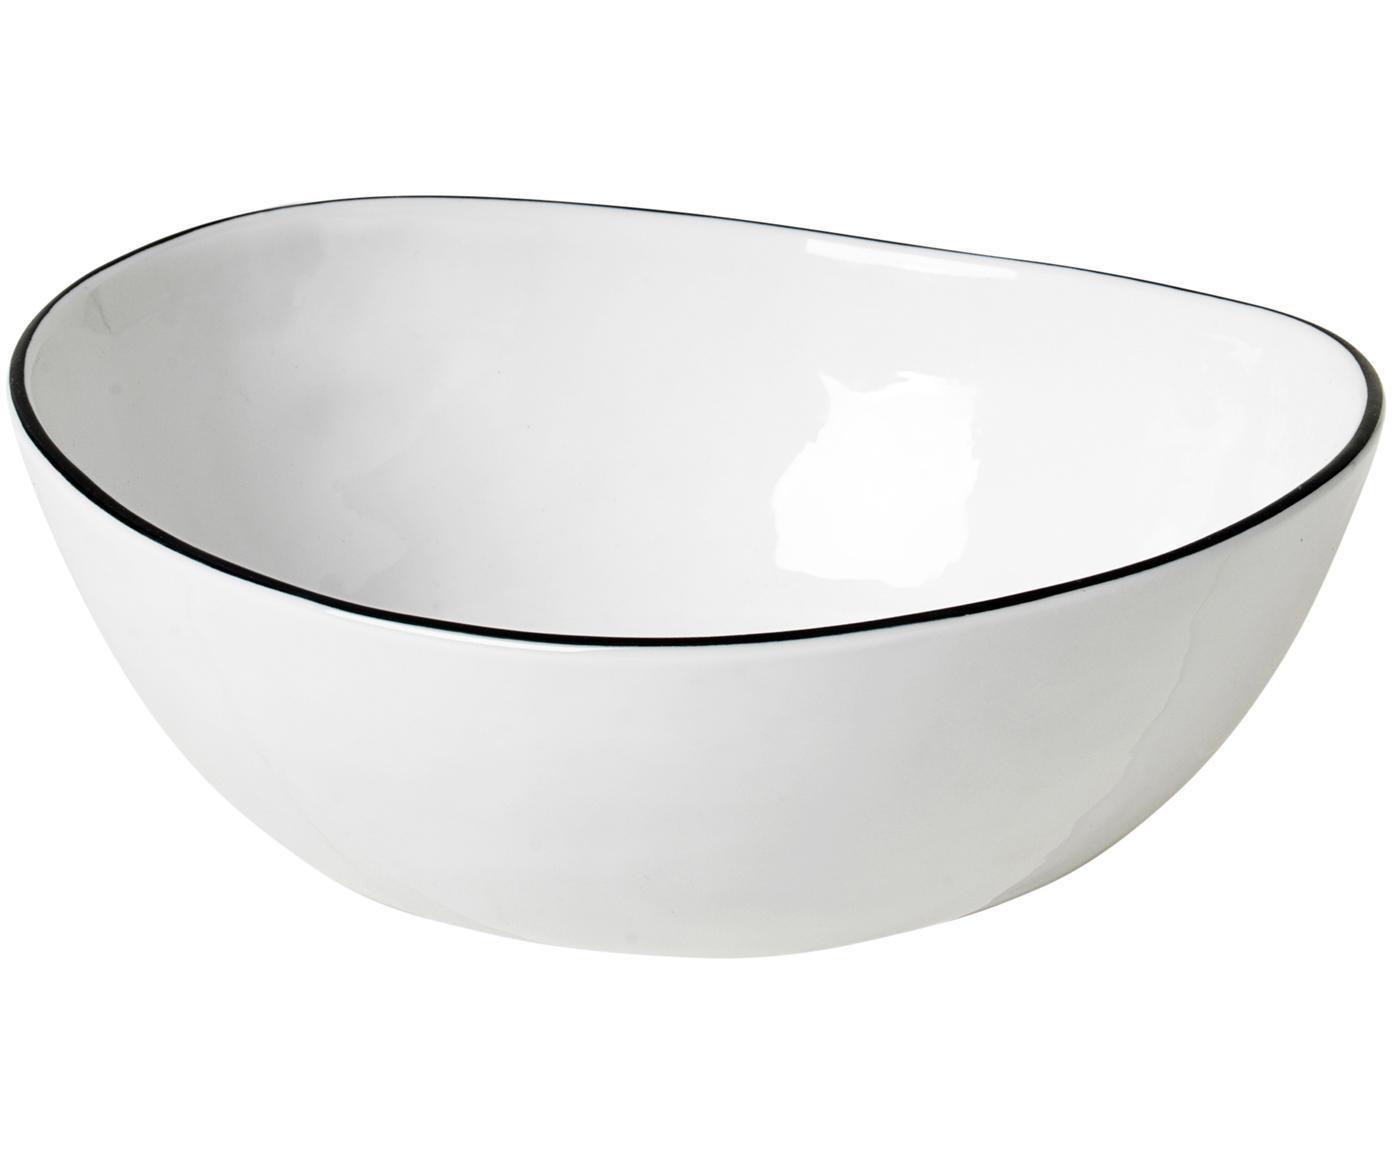 Handgemachte Schälchen Salt, 4 Stück, Porzellan, Gebrochenes Weiss, Schwarz, B 17 x T 15 cm